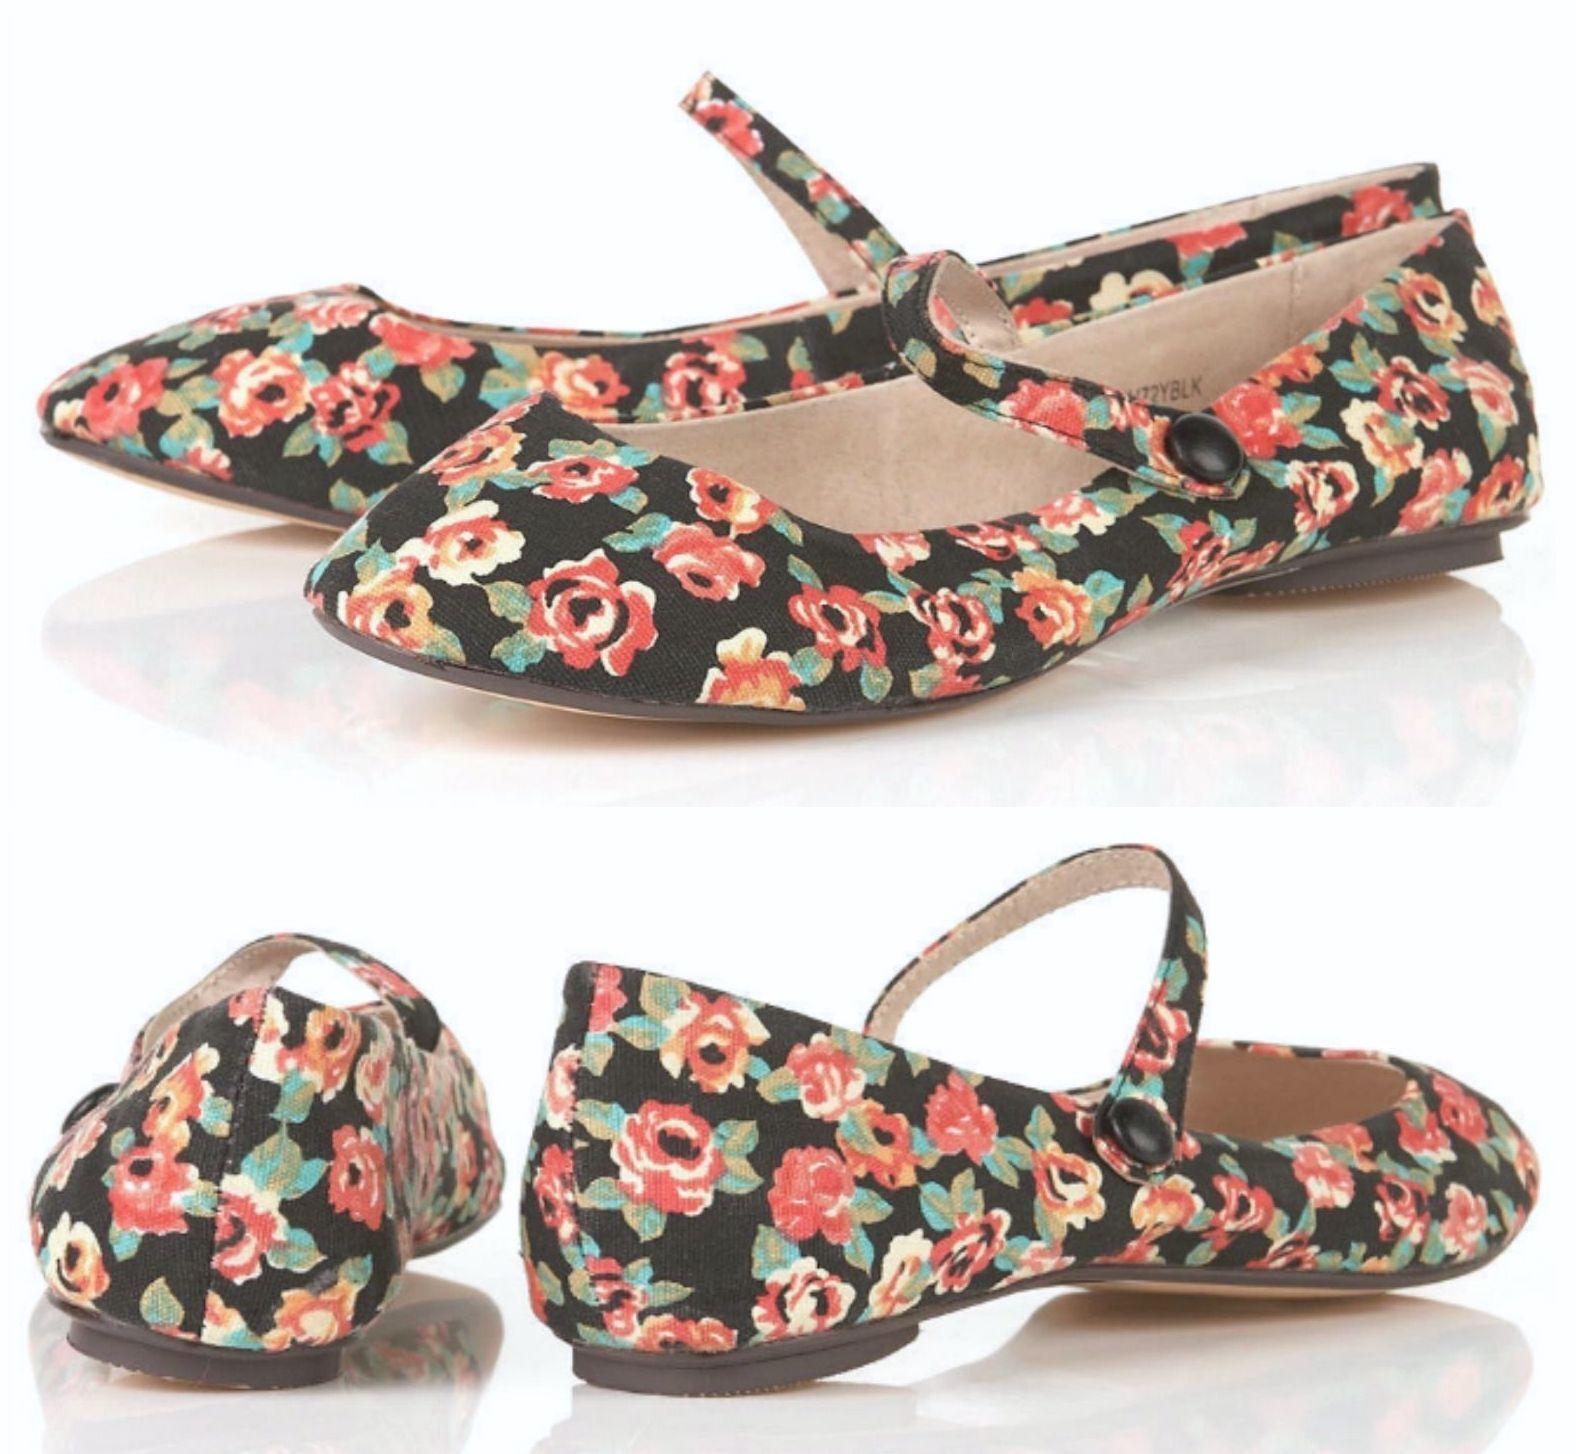 Zapatos de mujer baratos zapatos de mujer Descuento por tiempo limitado TOPSHOP BLACK DITSY FLORAL PRINT FLAT CANVAS BALLET PUMPS SHOES BALLERINAS NEW